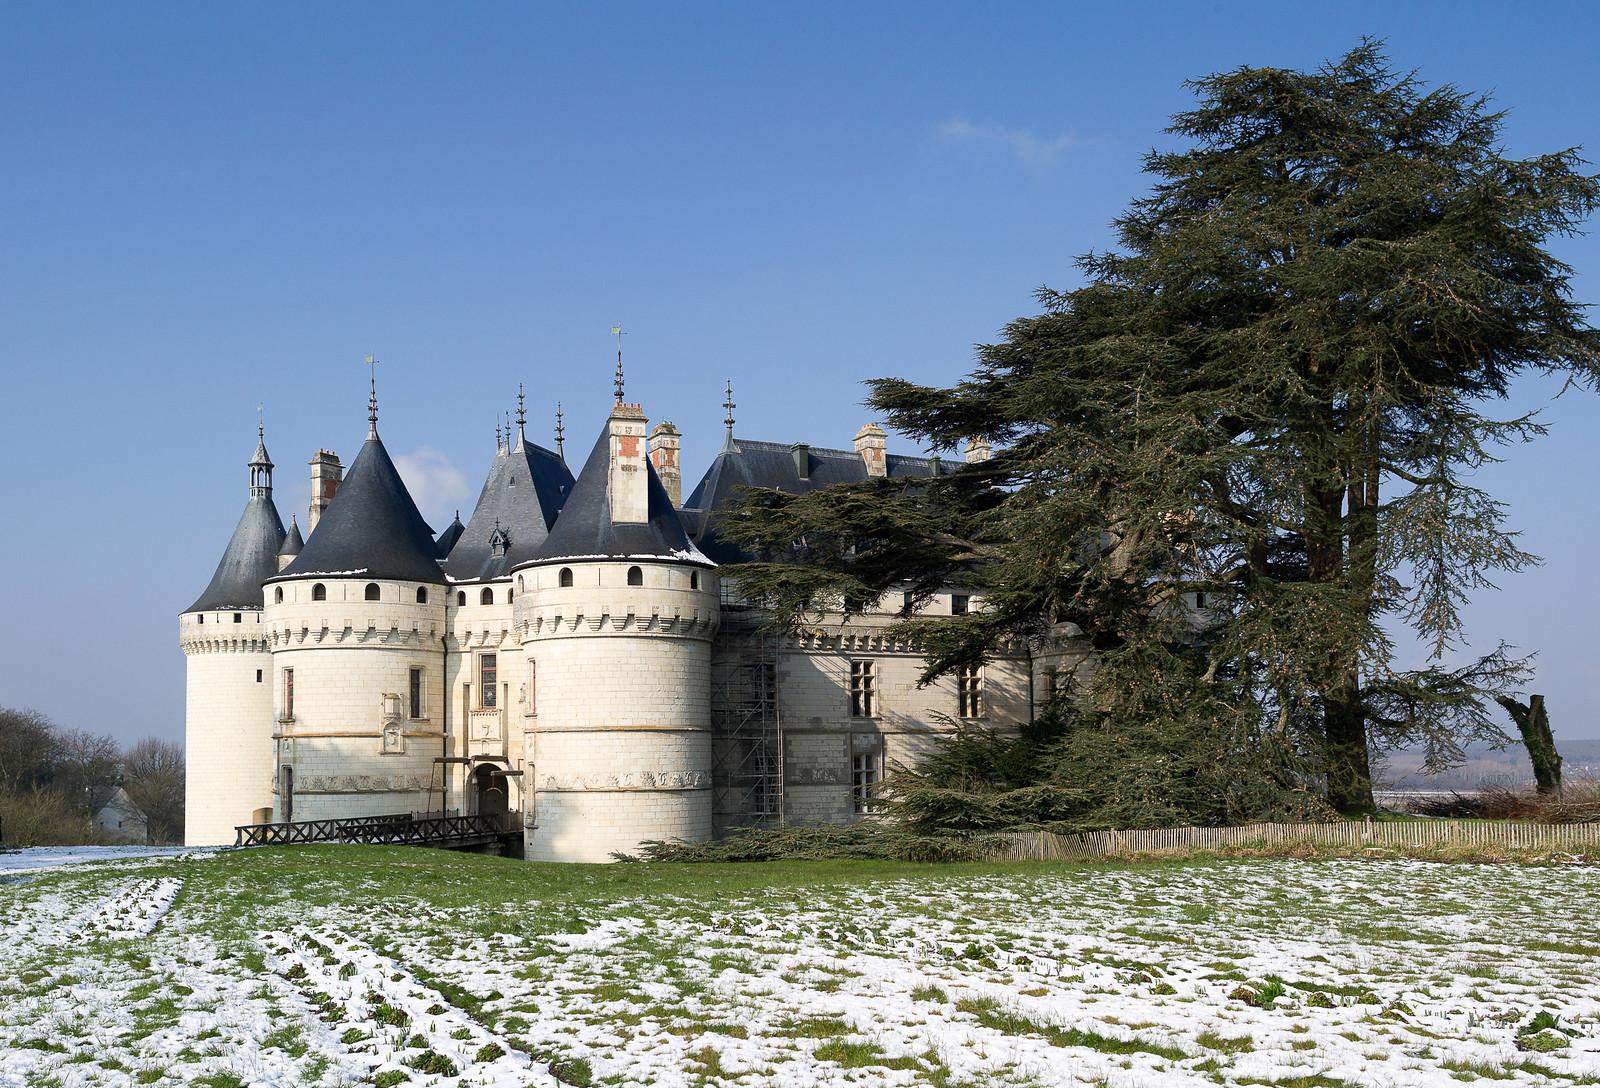 Замок Шомон-сюр-Луар (Château de Chaumont).